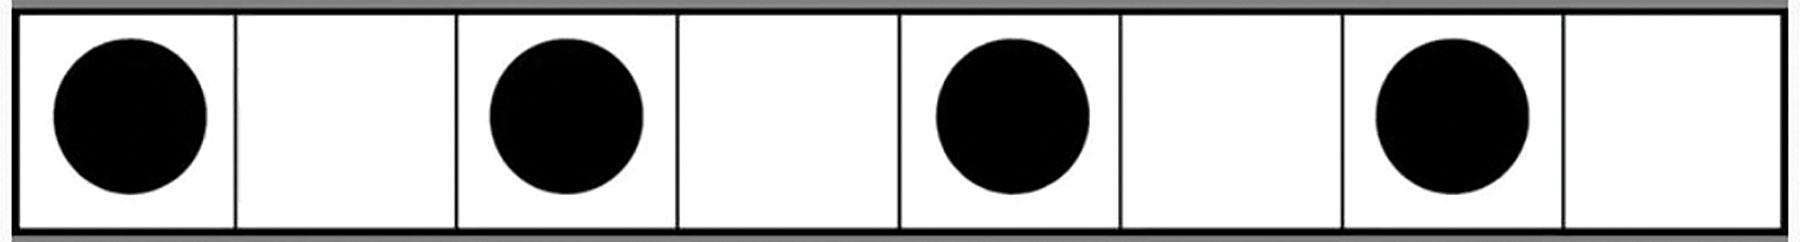 Meespeelpartituur afbeelding drumritme 2